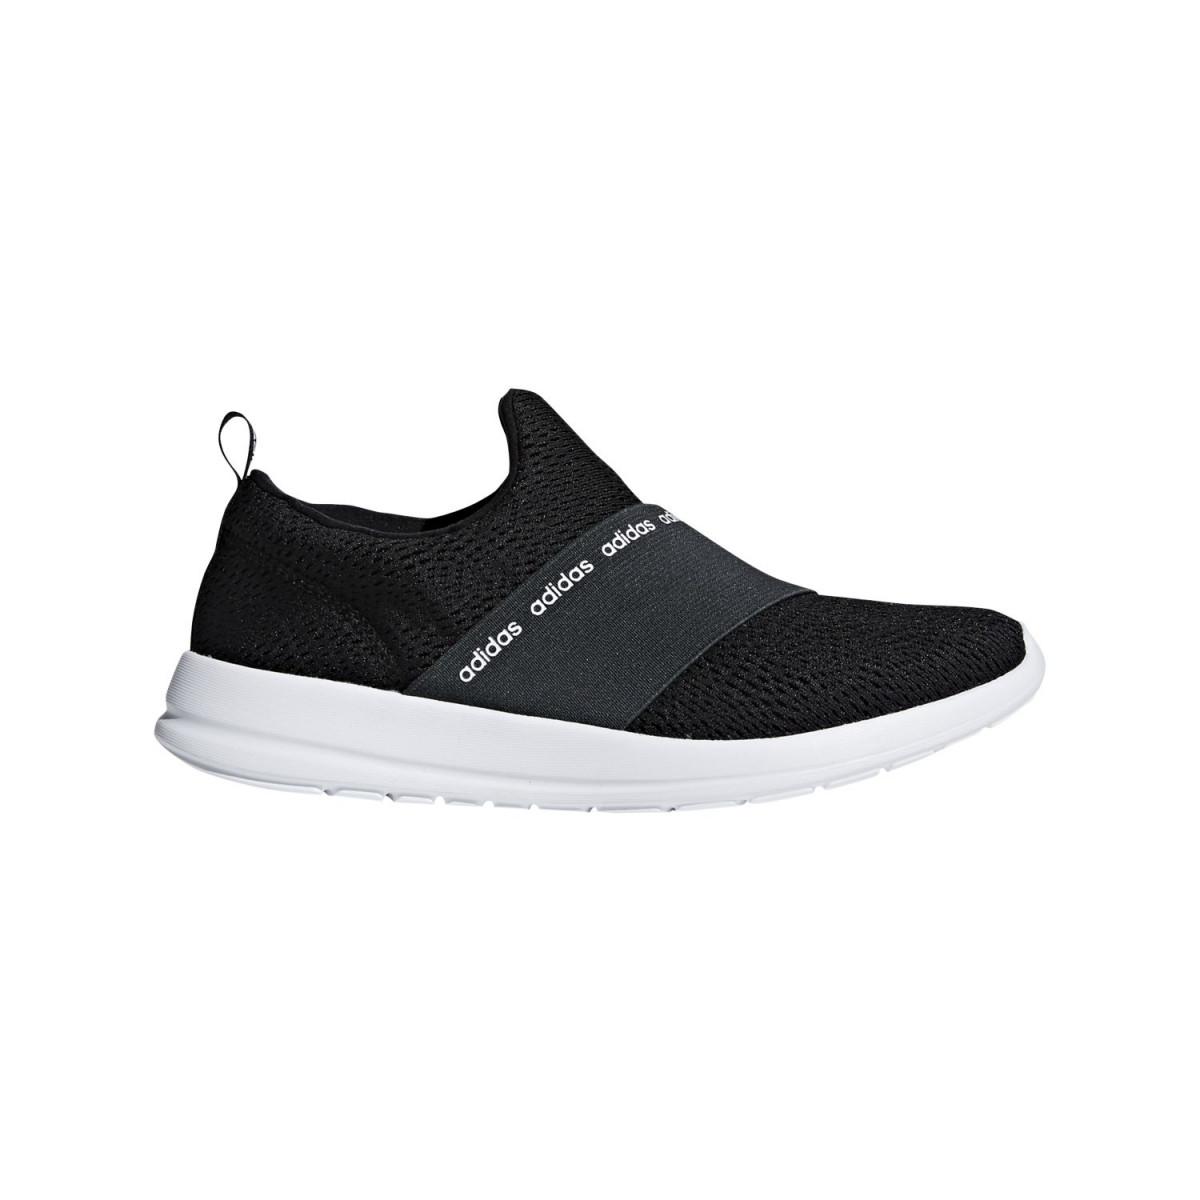 Zapatillas Adidas Cloudfoam Refine Adapt